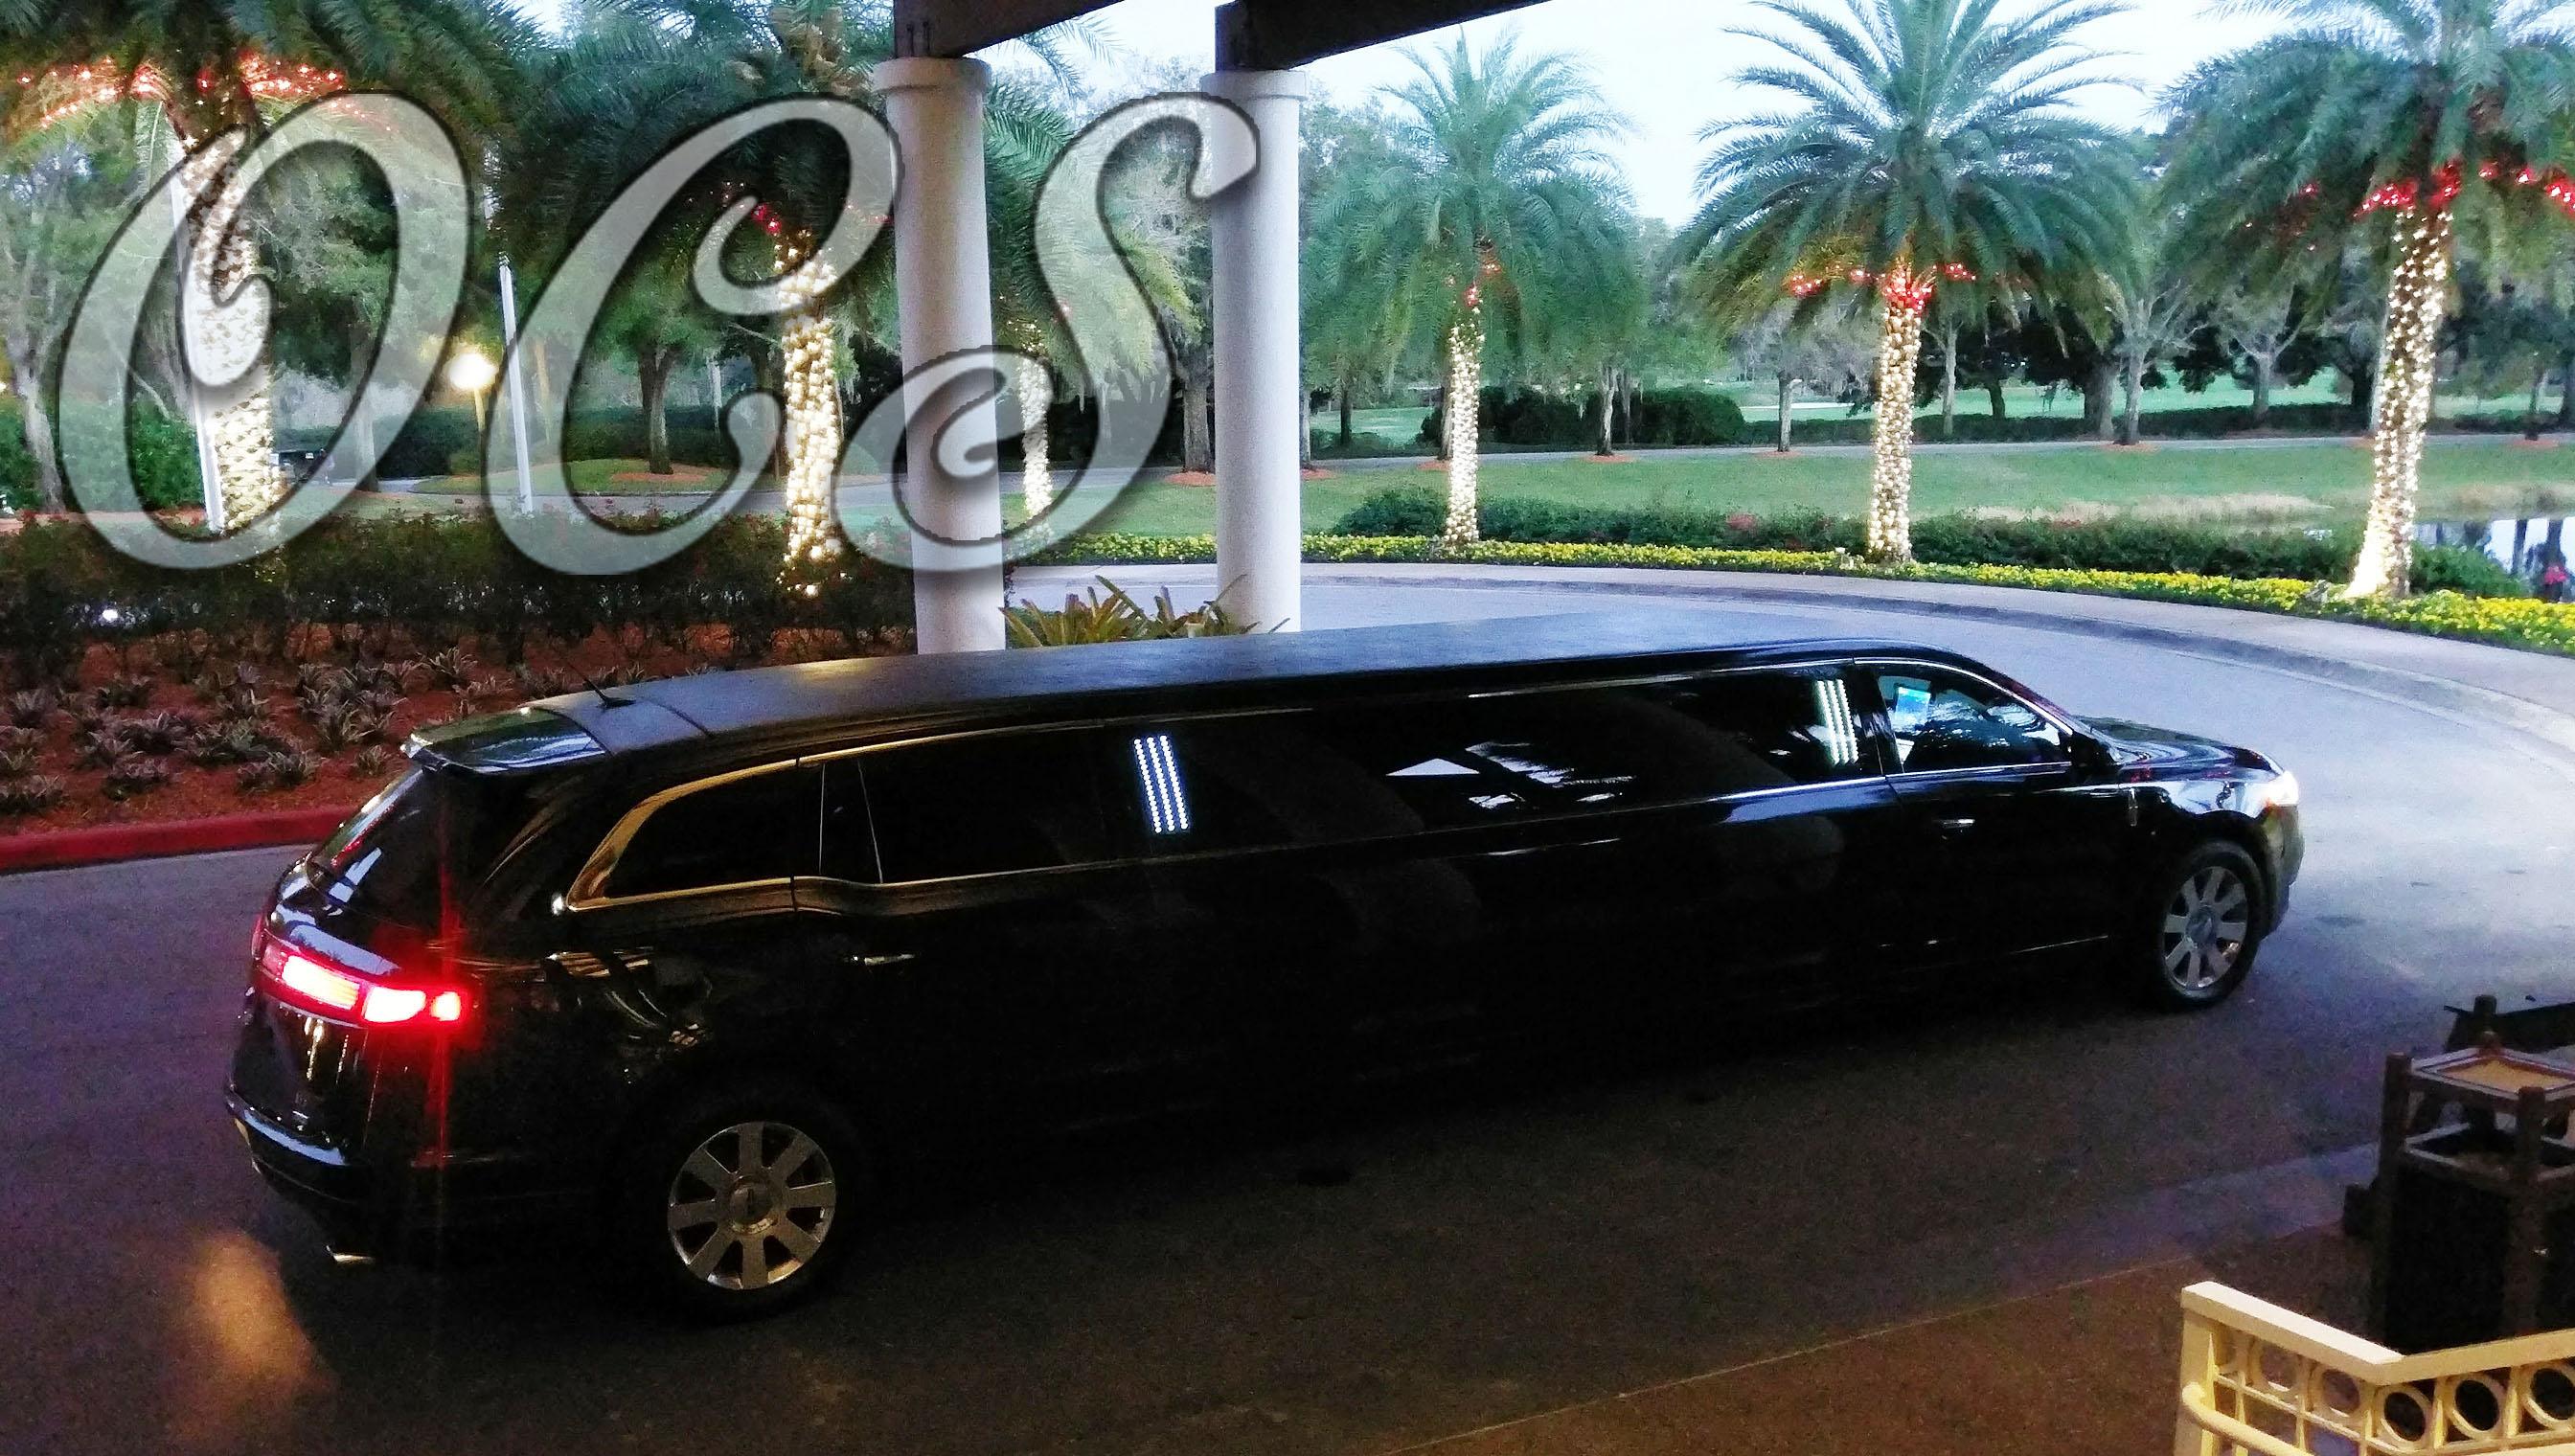 Orlando Limo 183 Airport Limo 183 Limo Rentals 183 Limousine